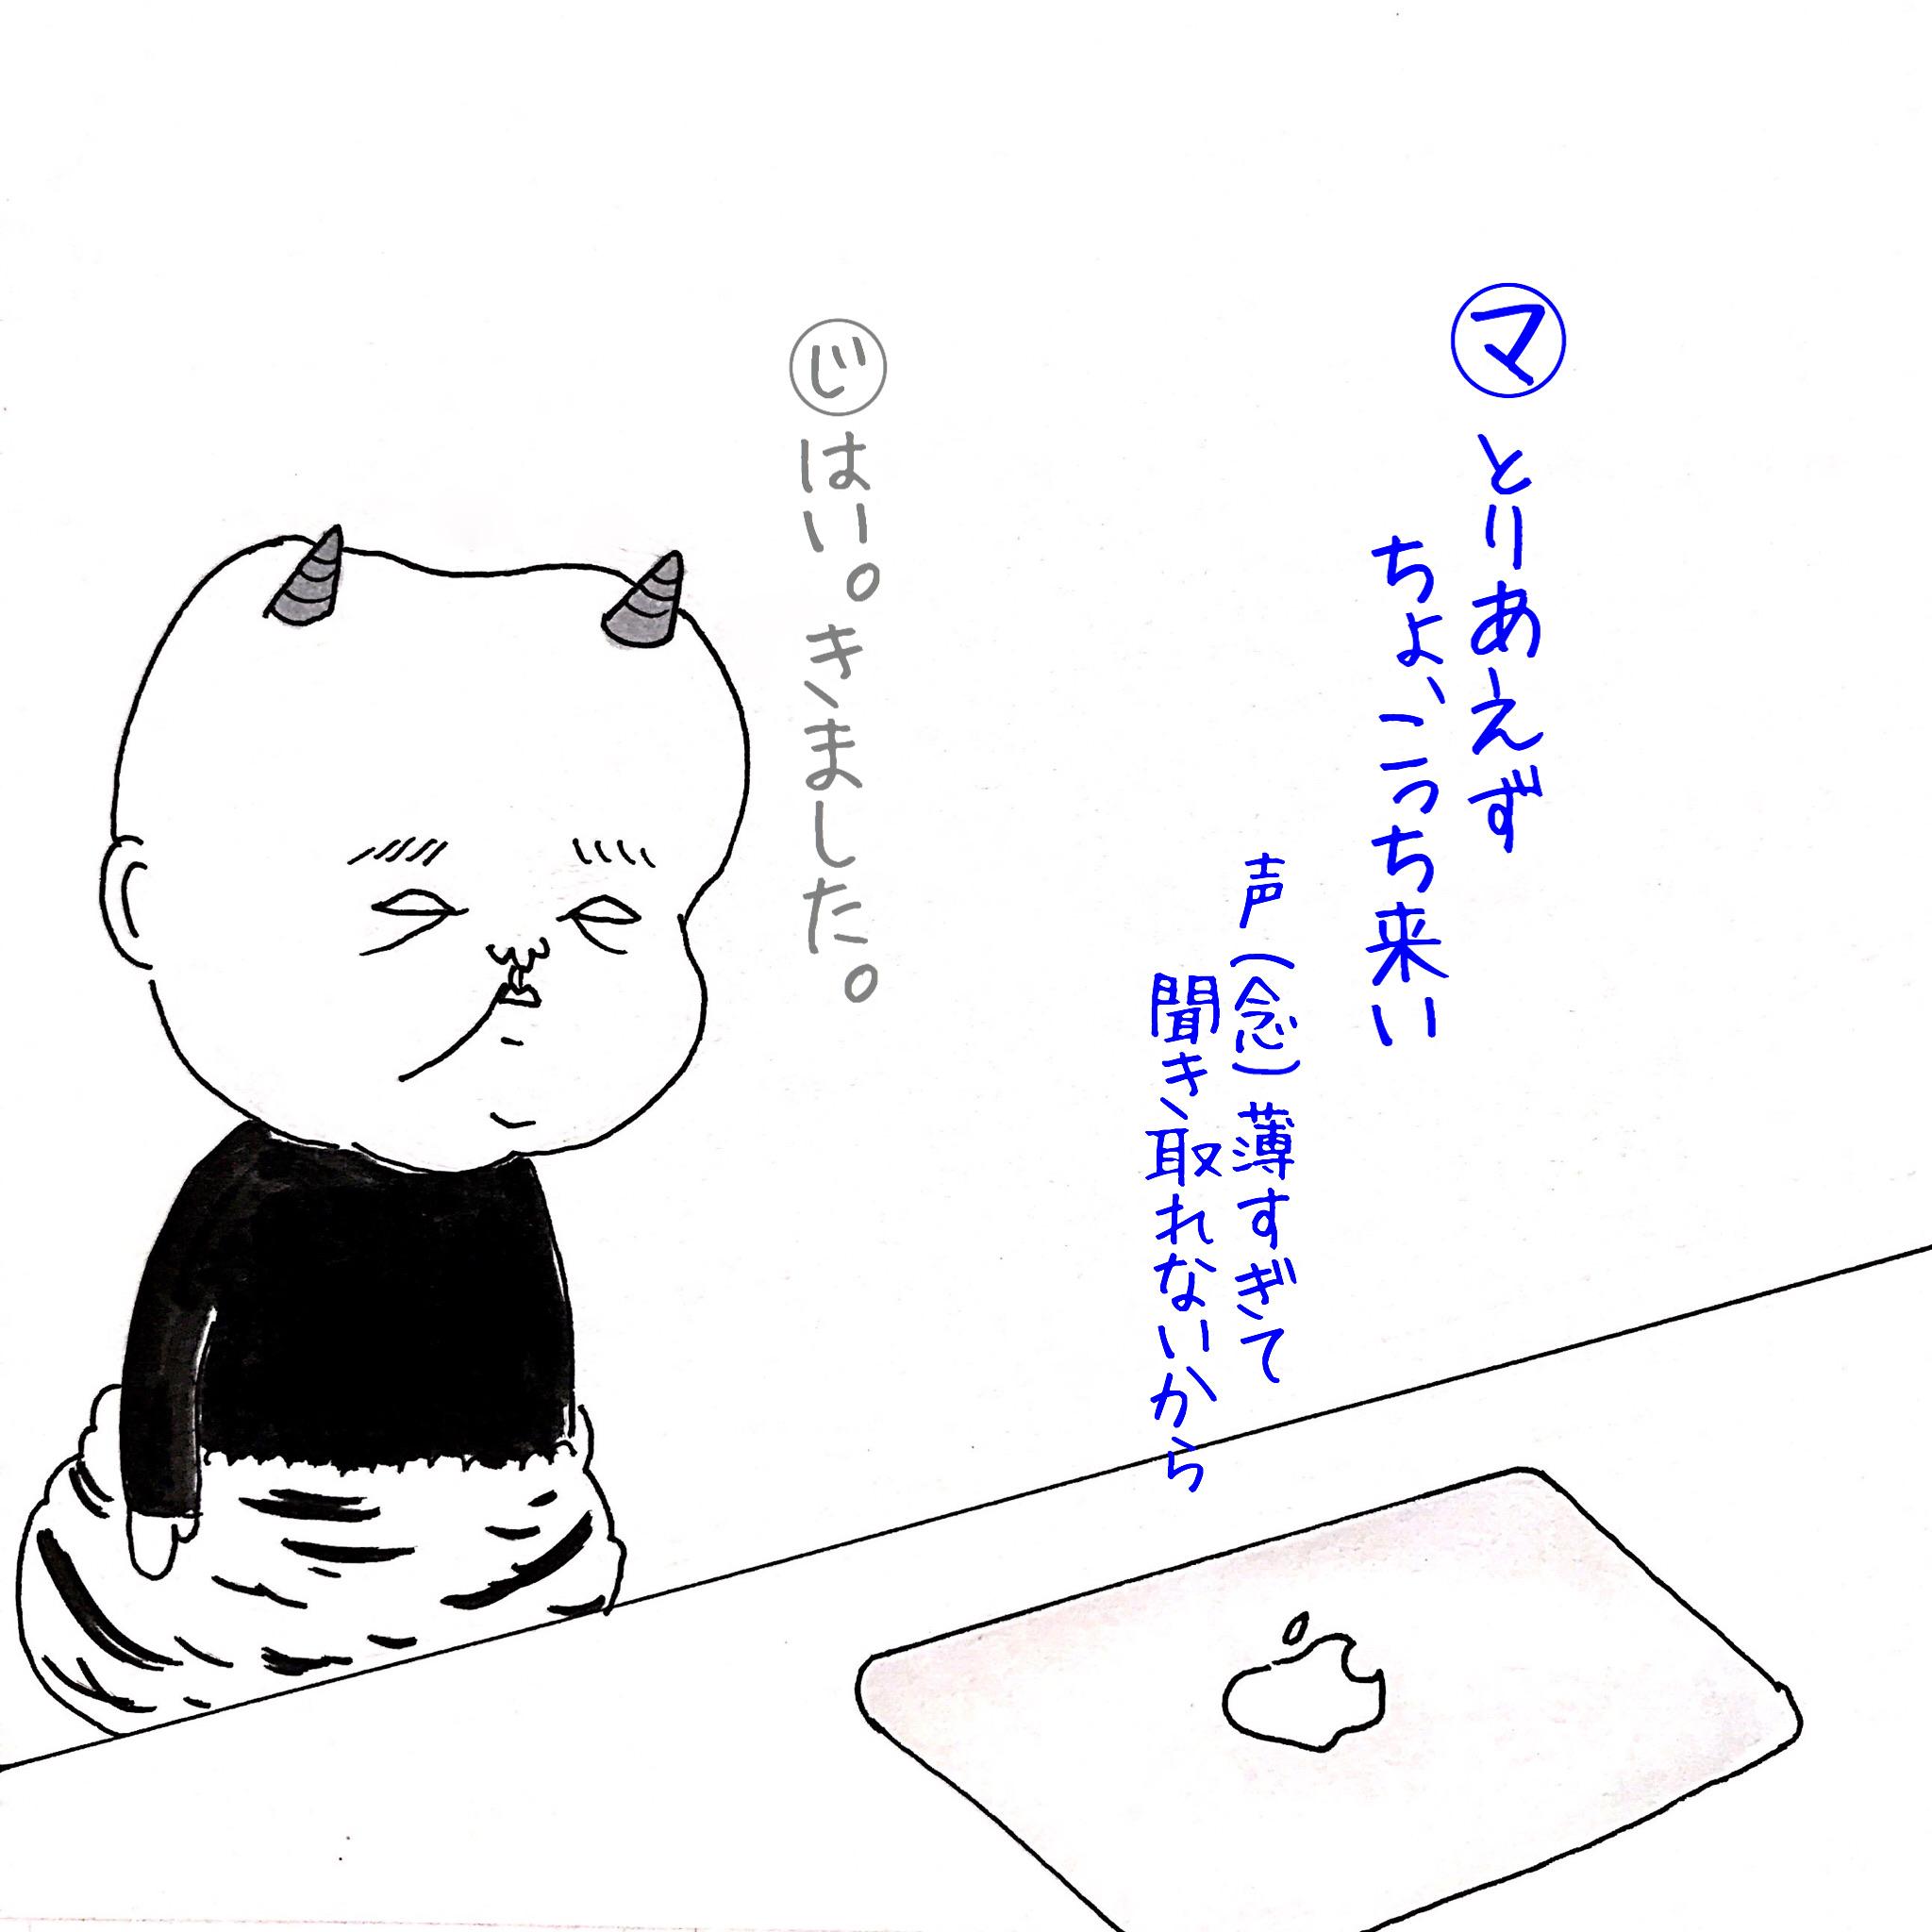 テレパシー会話漫画9